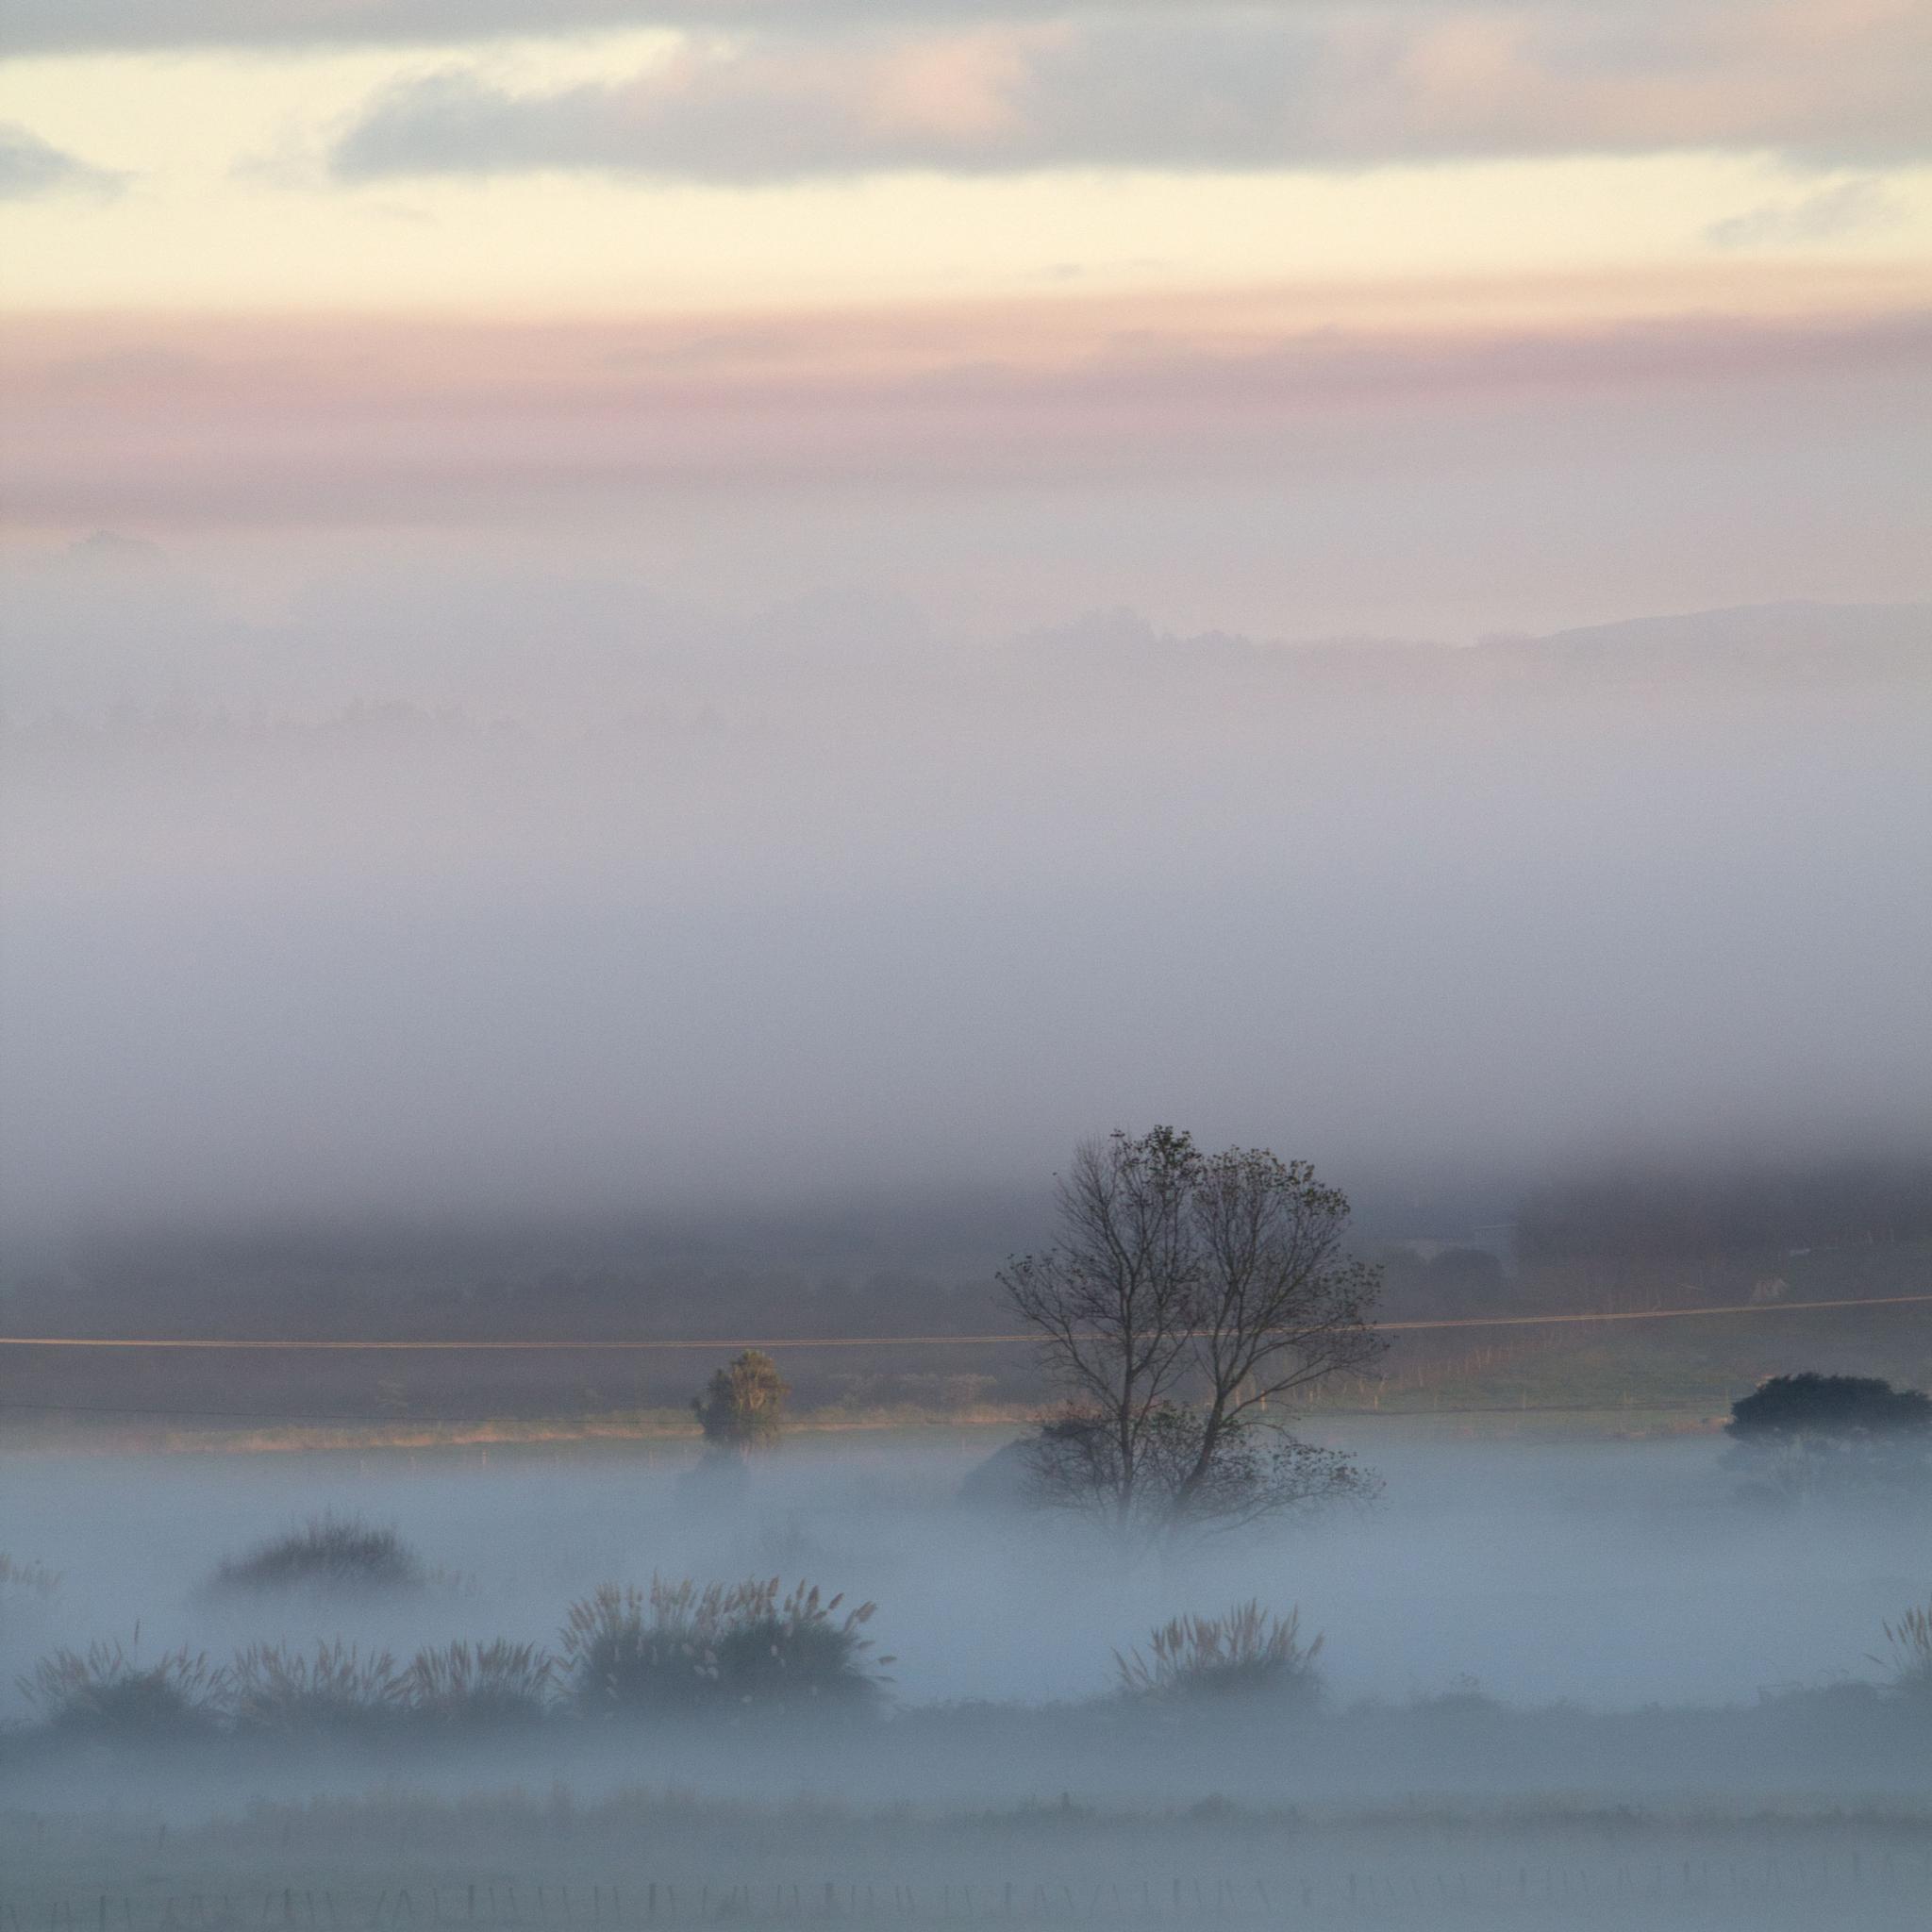 Misty Morning by Hugh Jones